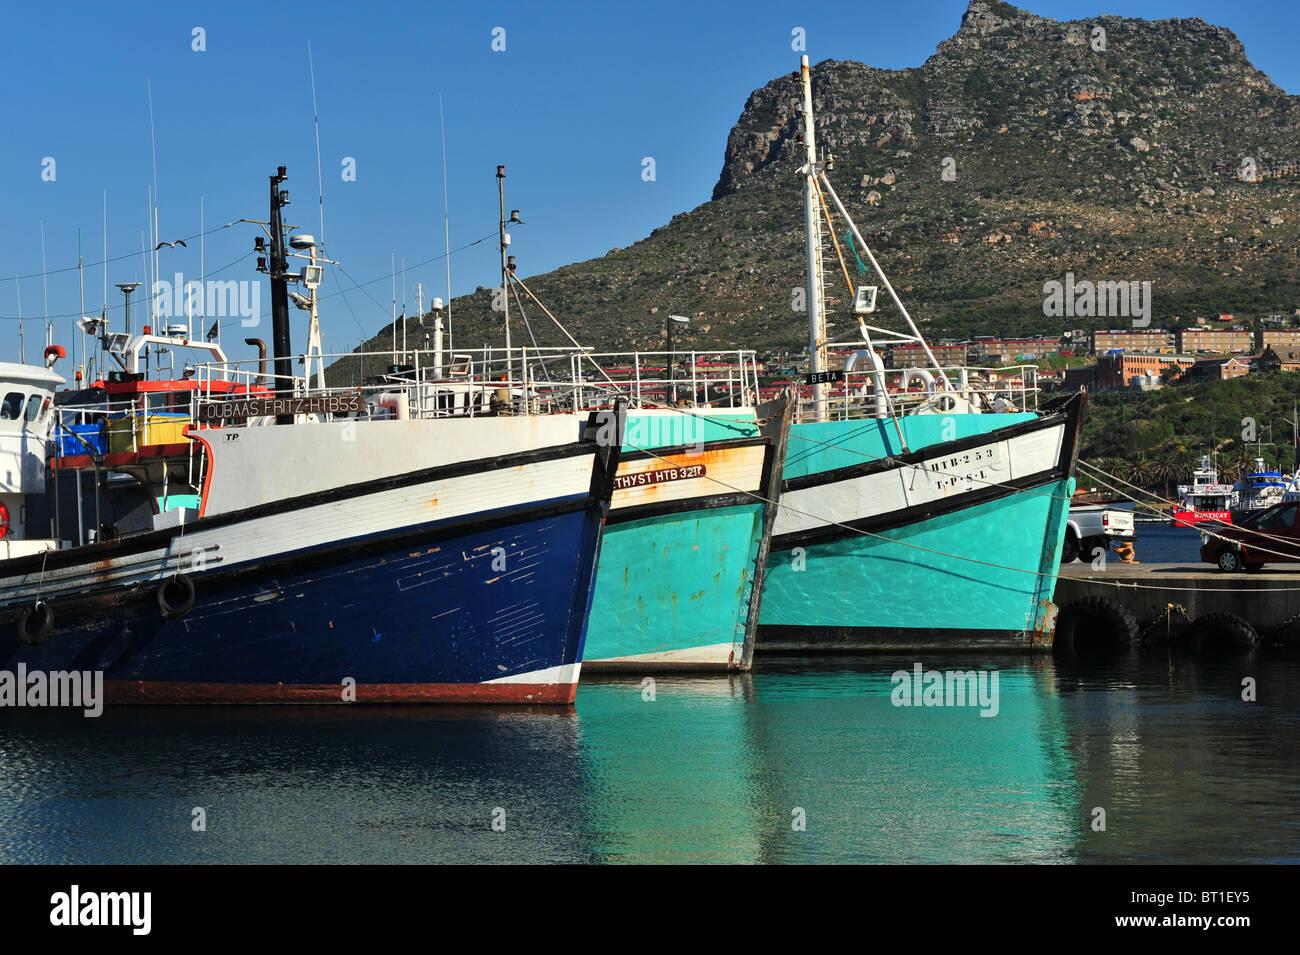 Un ritmo delle colorate barche da pesca riflettente nel blu del mare. Una scena del porto con il cielo blu e una Foto Stock